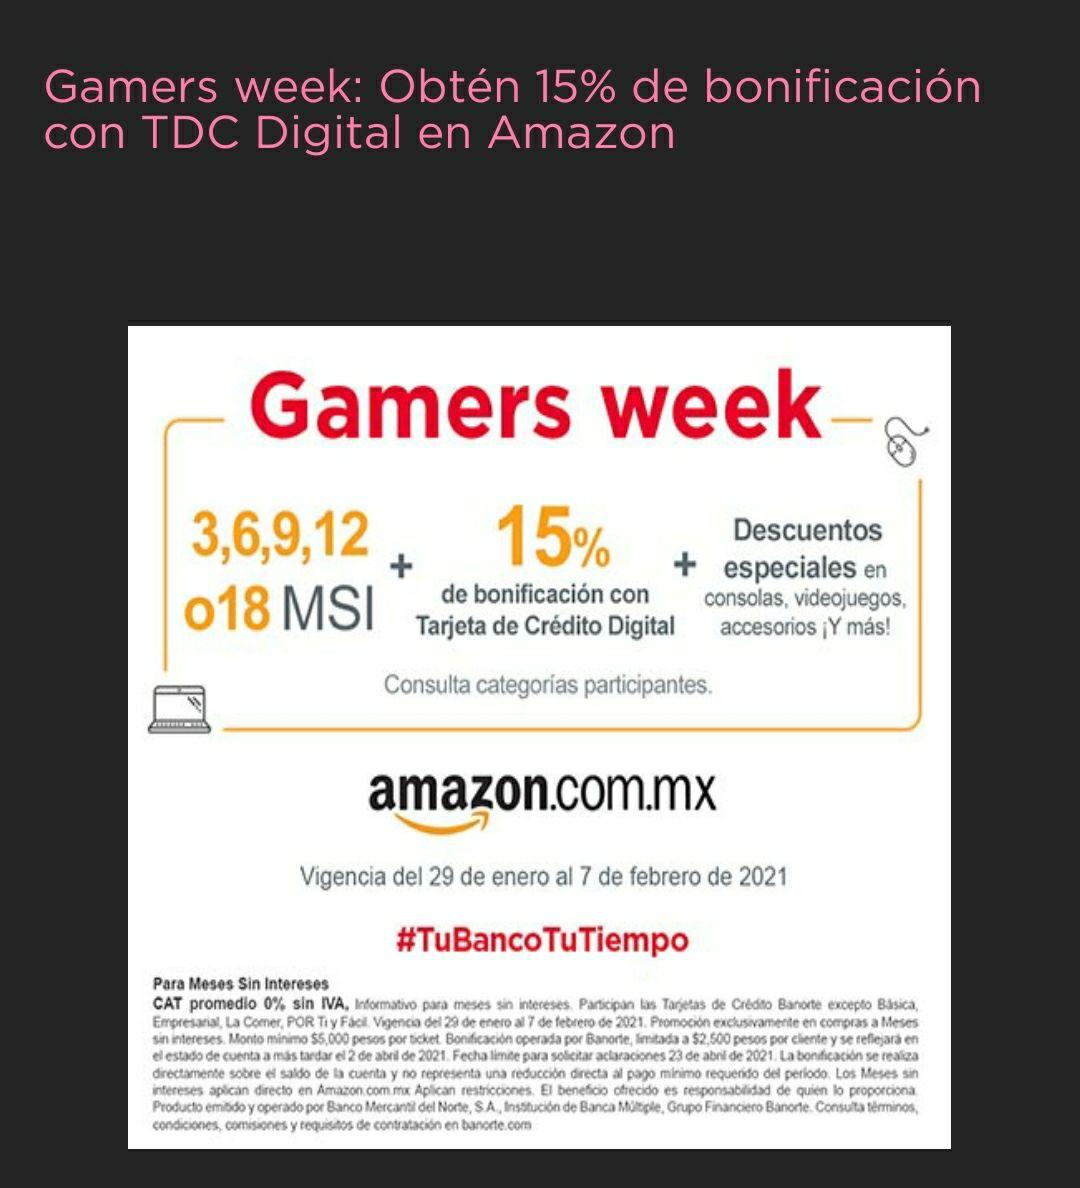 Amazon: Gamers week, 15% bonificacion con tarjeta de crédito digital Banorte